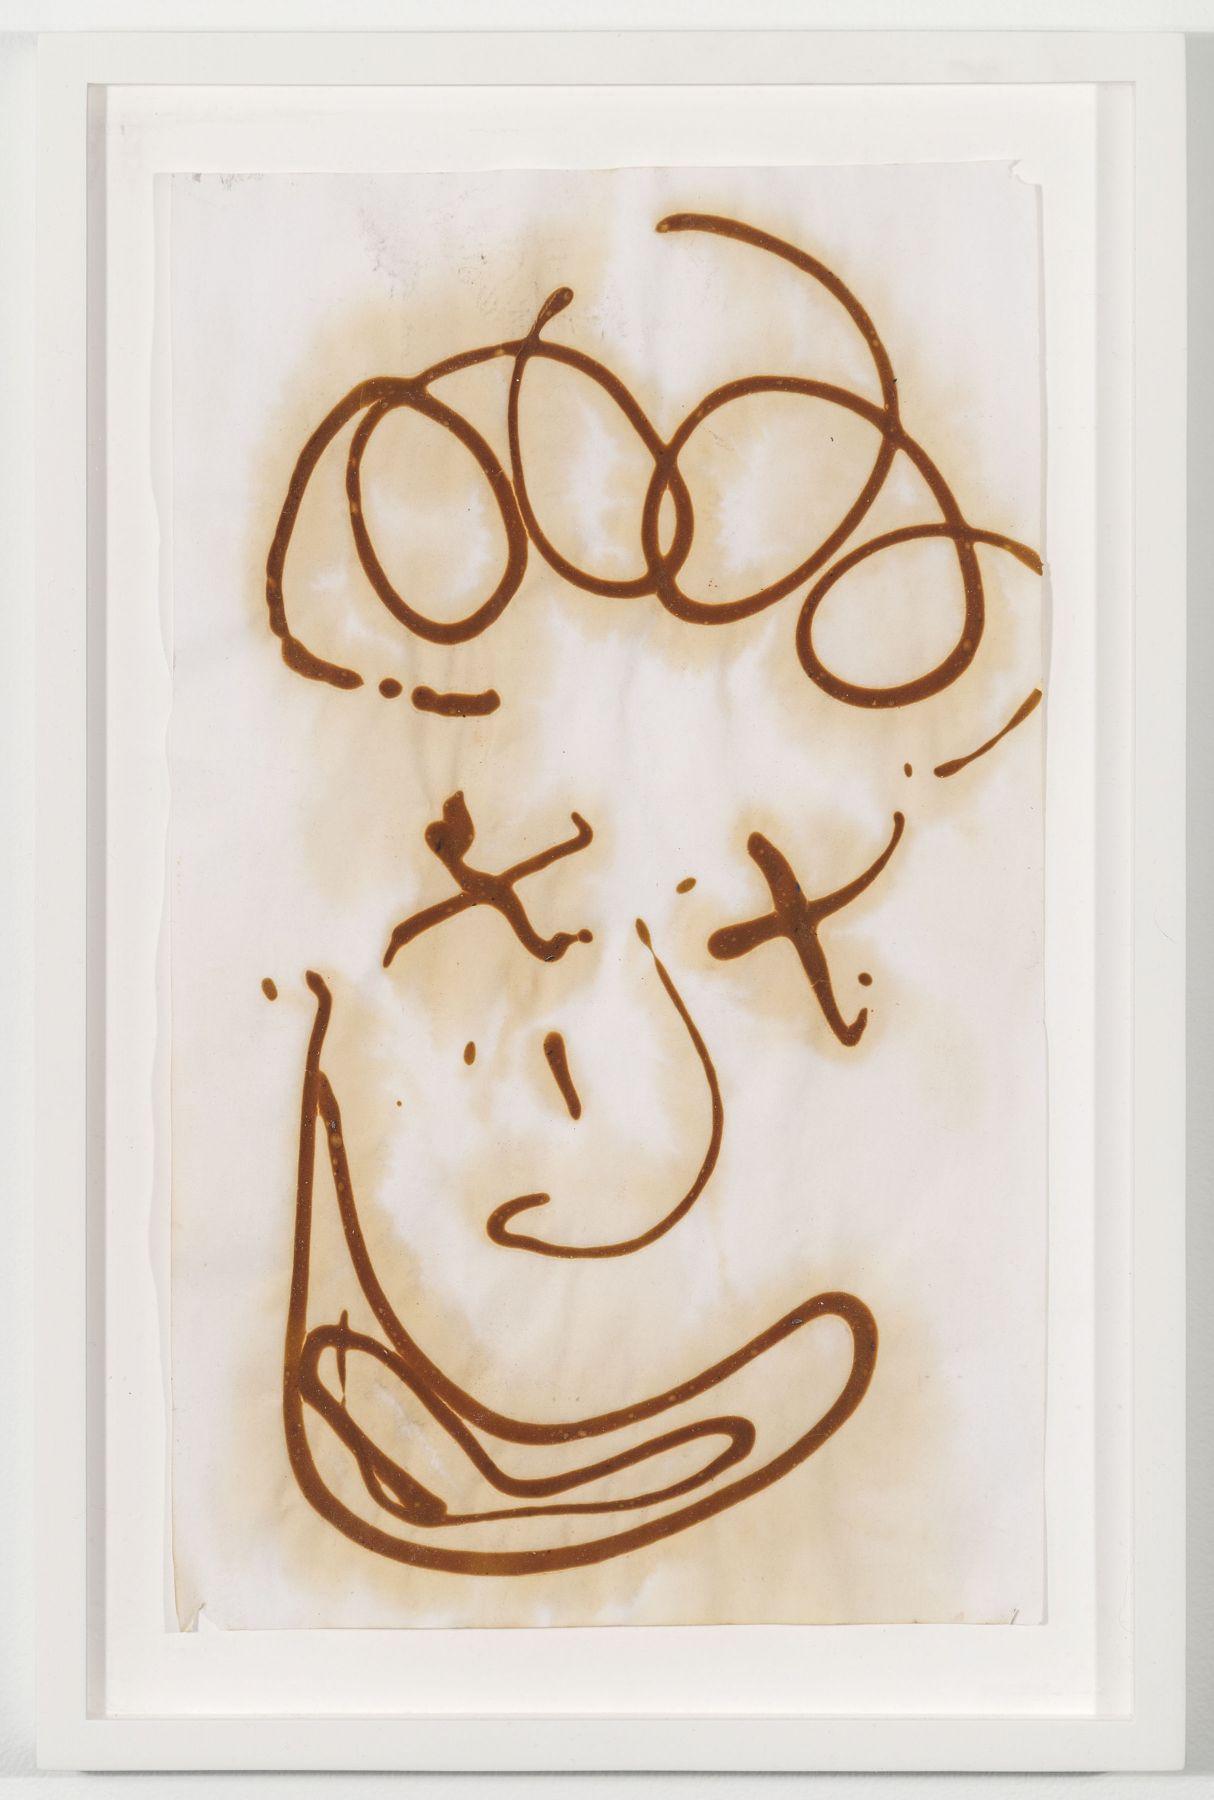 BRIAN BELOTT, Mustard Drawing (Harpo),2015